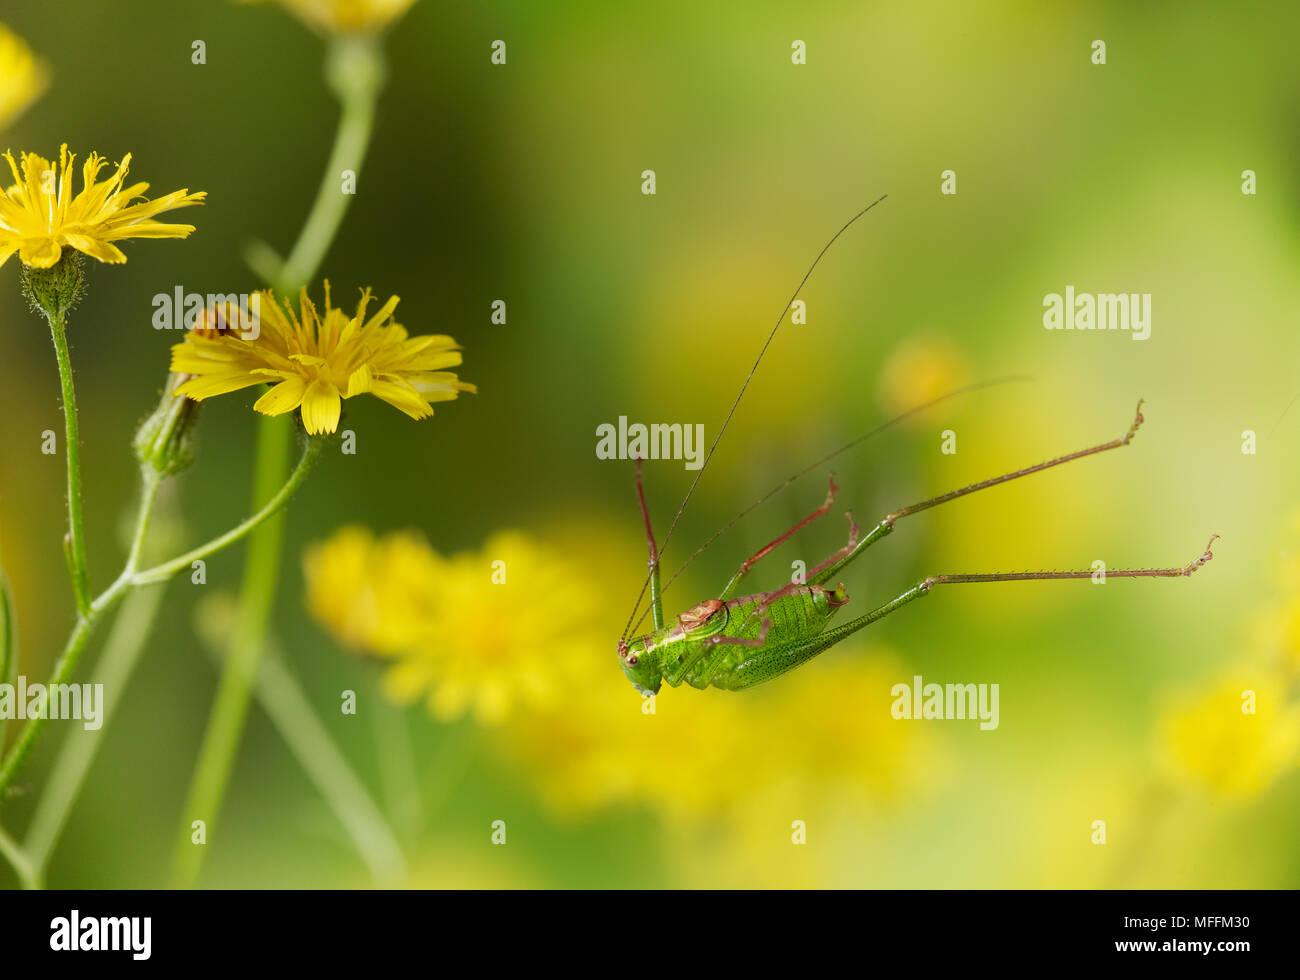 Gesprenkelte BUSH CRICKET (Leptophytes punctatissima) springen, frequentiert, Wiesen und Gebüsch, Sussex, England. * Höhere Sätze gelten * Stockbild